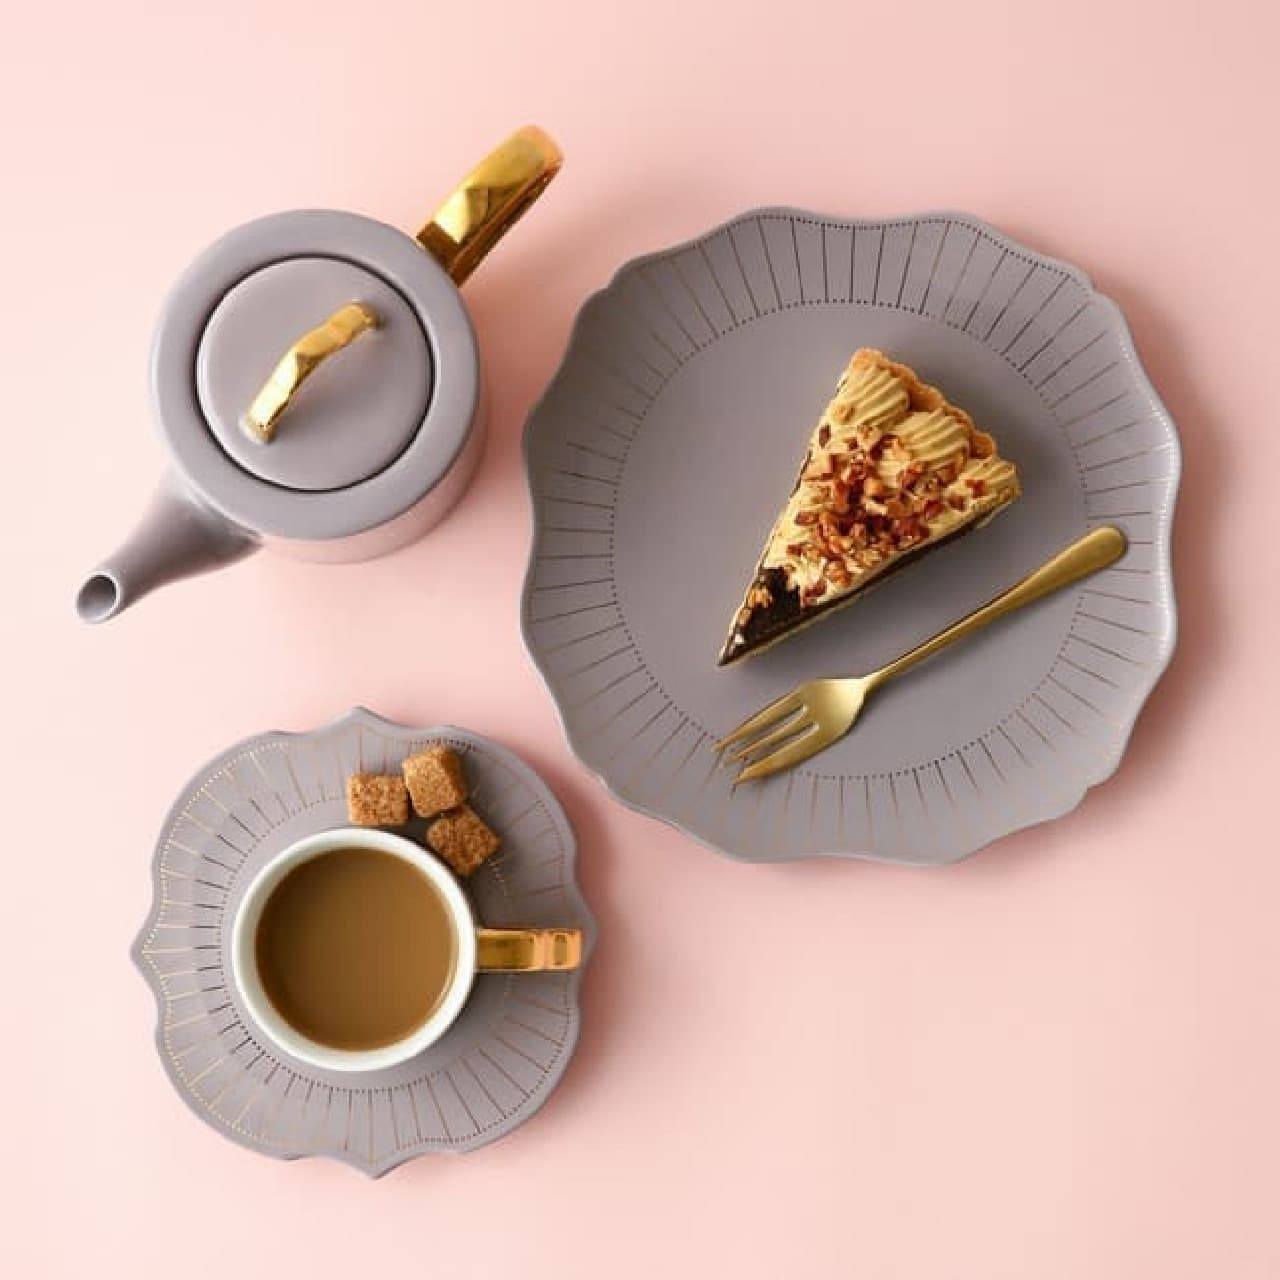 春の彩り♪ Francfranc新作テーブルウェア -- カップ&ソーサー・2段スタンドなど